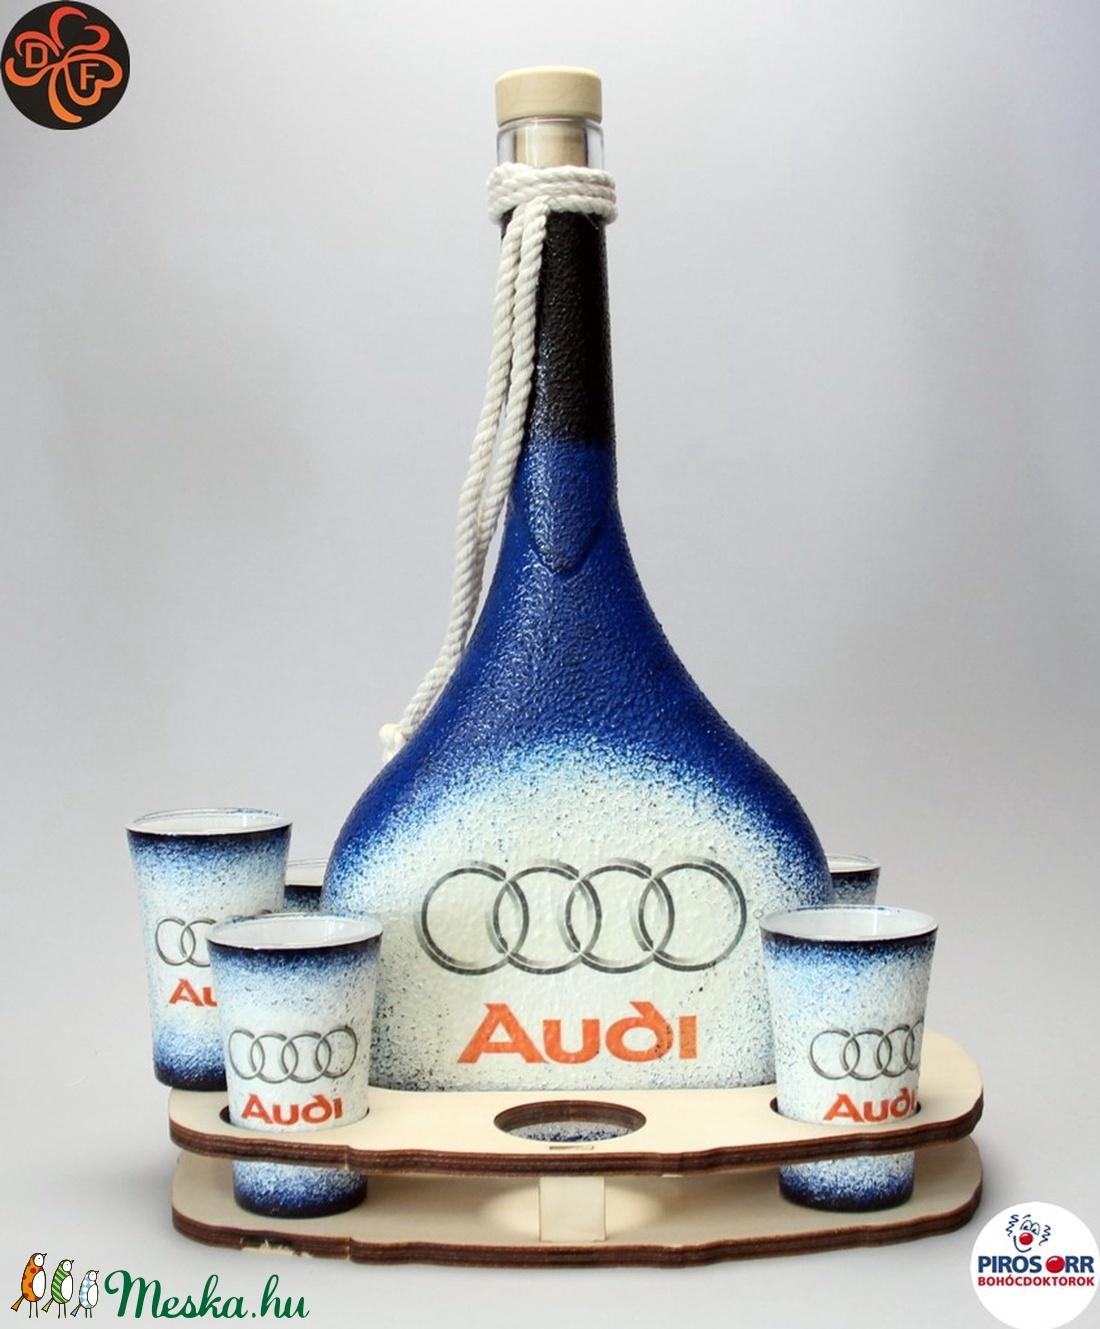 Audi ital készlet ; Audi rajongóknak (decorfantasy) - Meska.hu